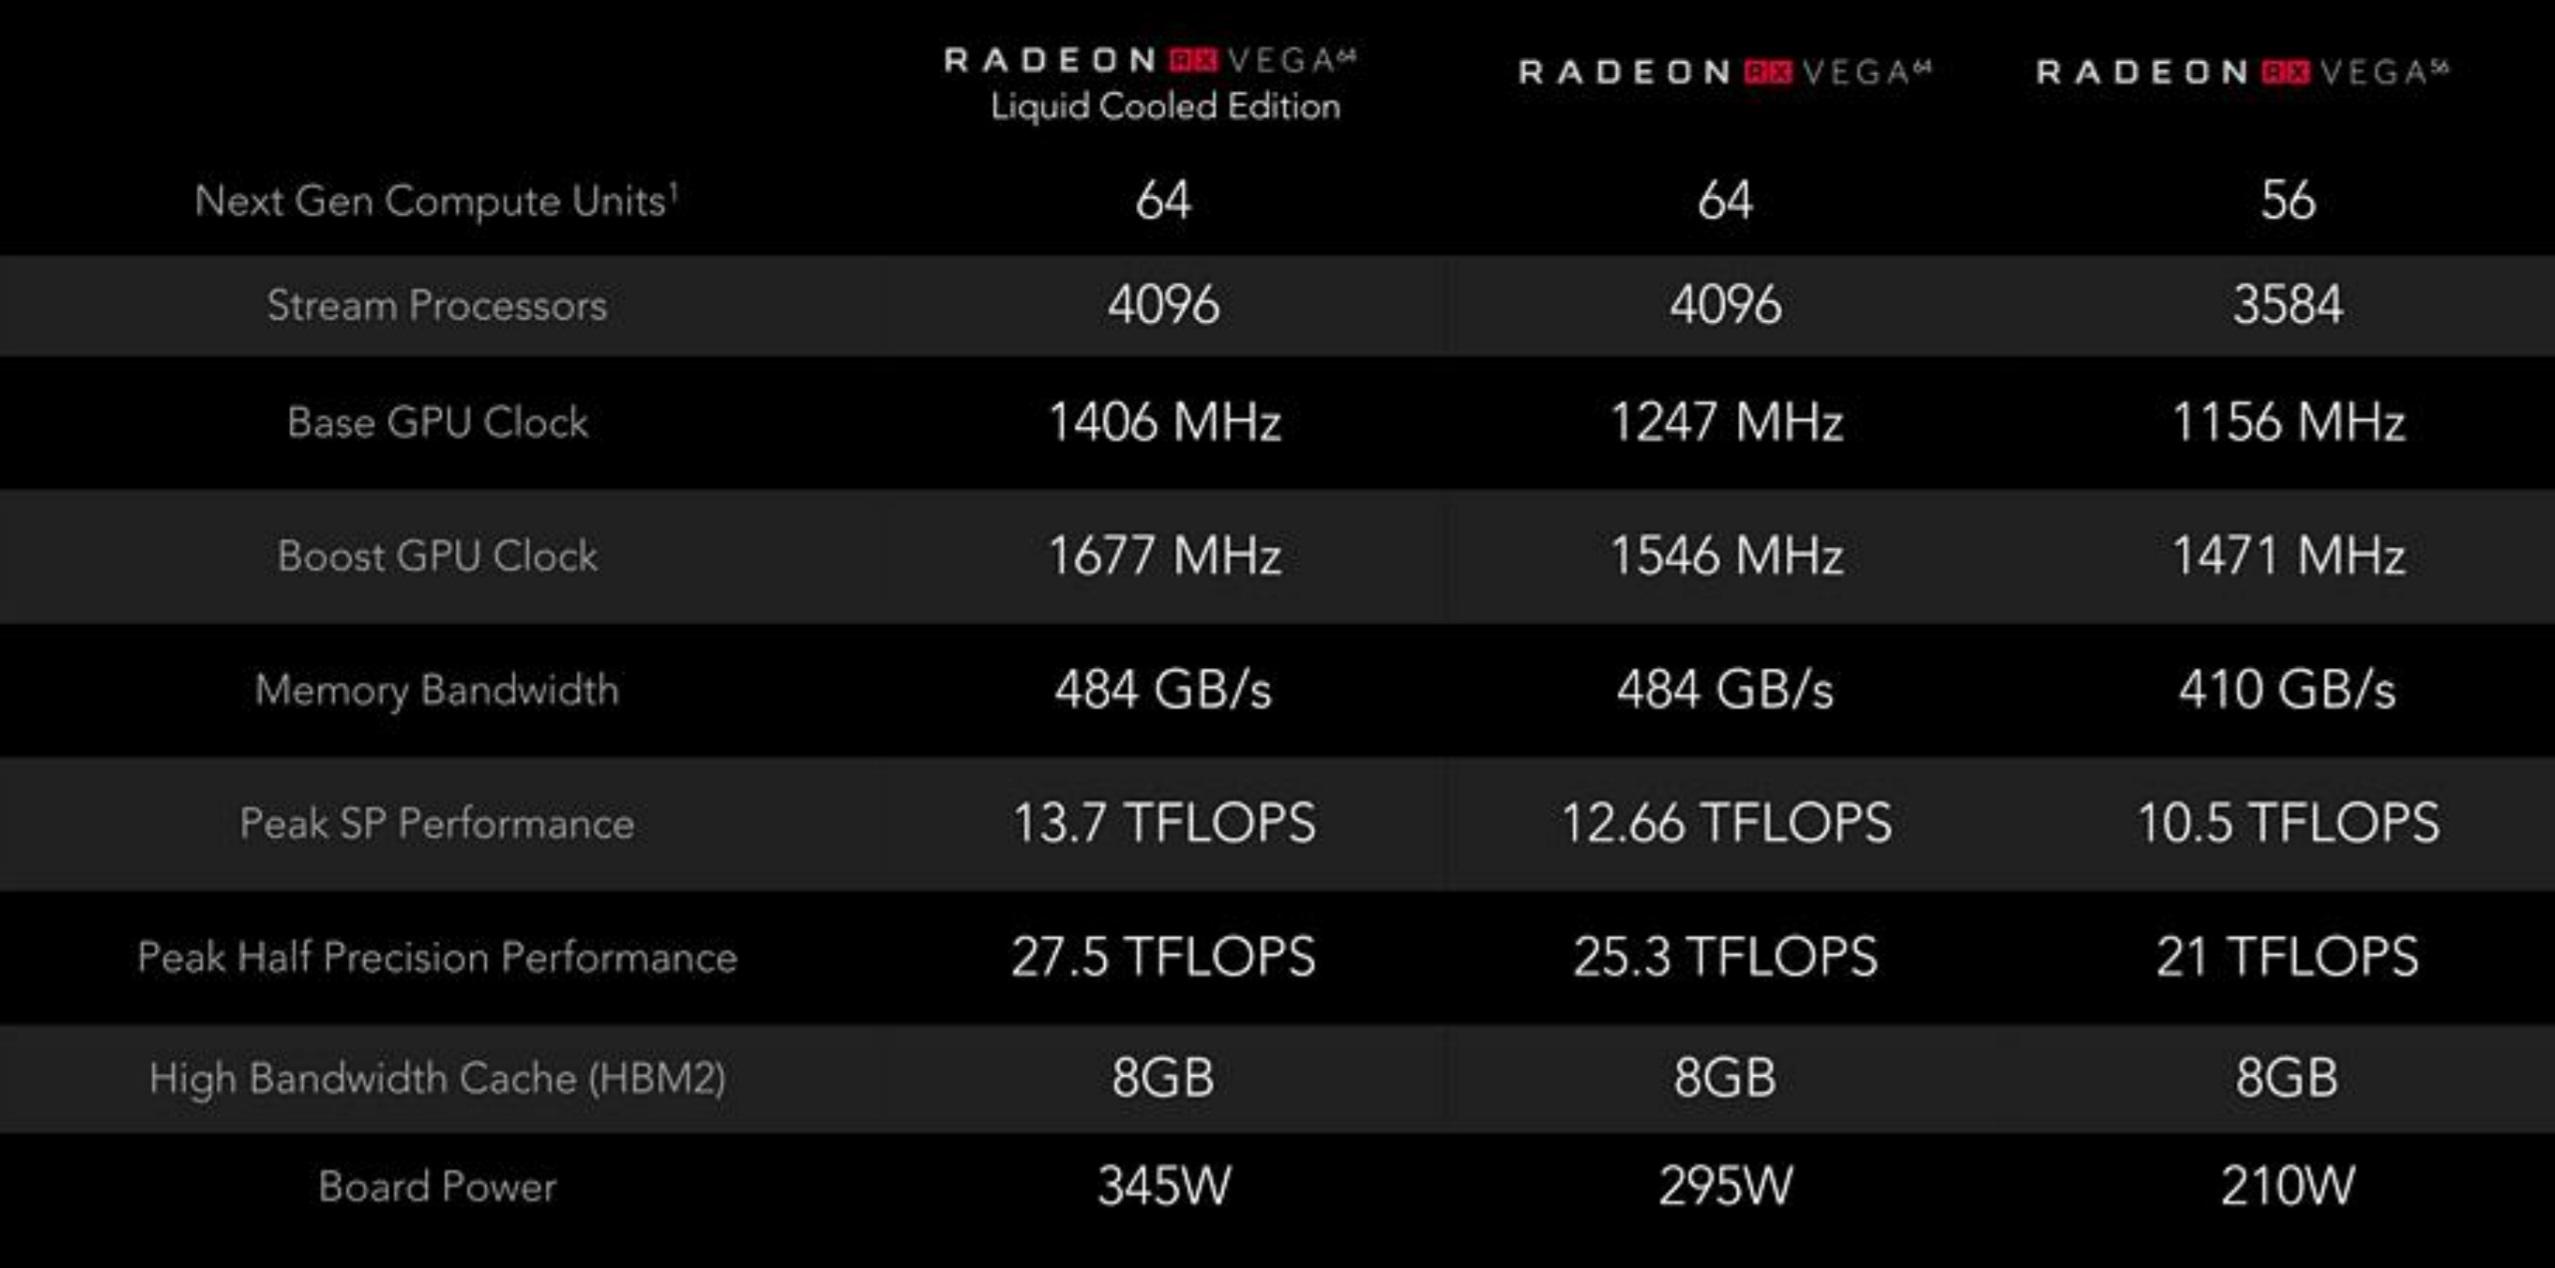 Radeon 2